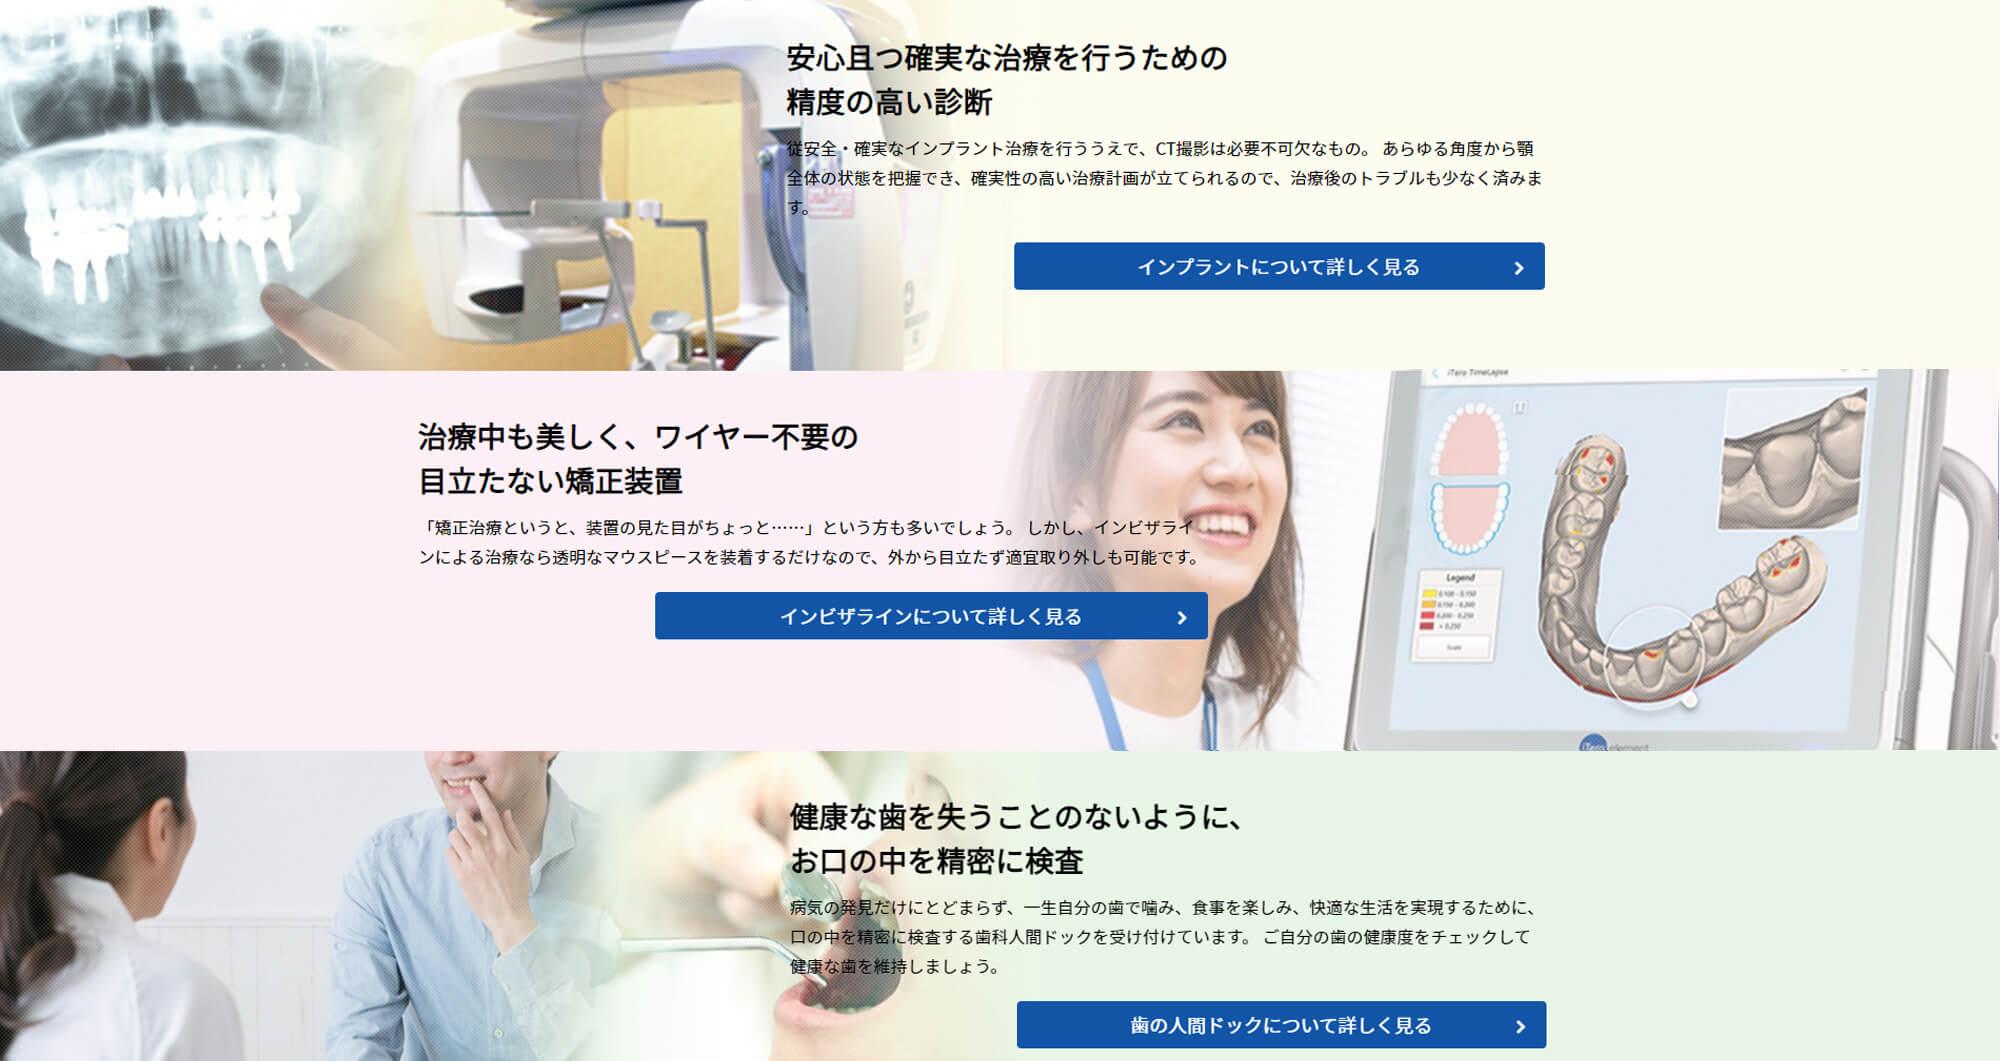 医療法人辰野歯科医院様PCトップページ